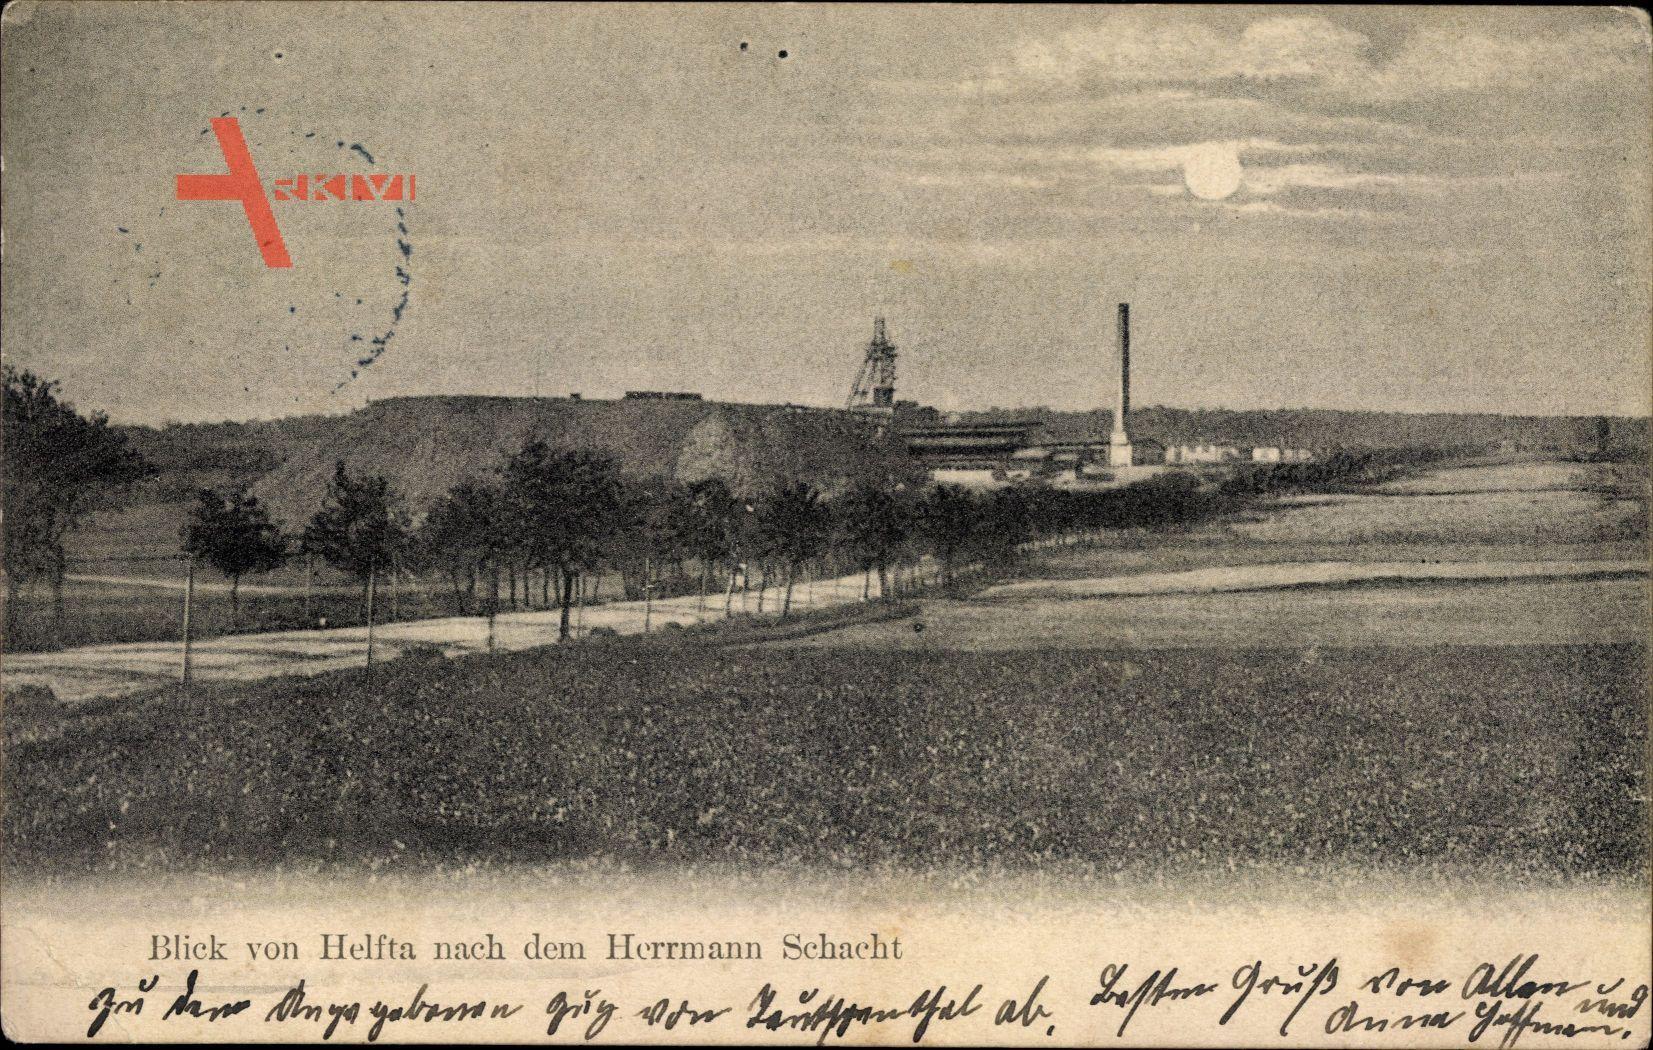 Blick von Helfta nach dem Herrmann Schacht um 1913